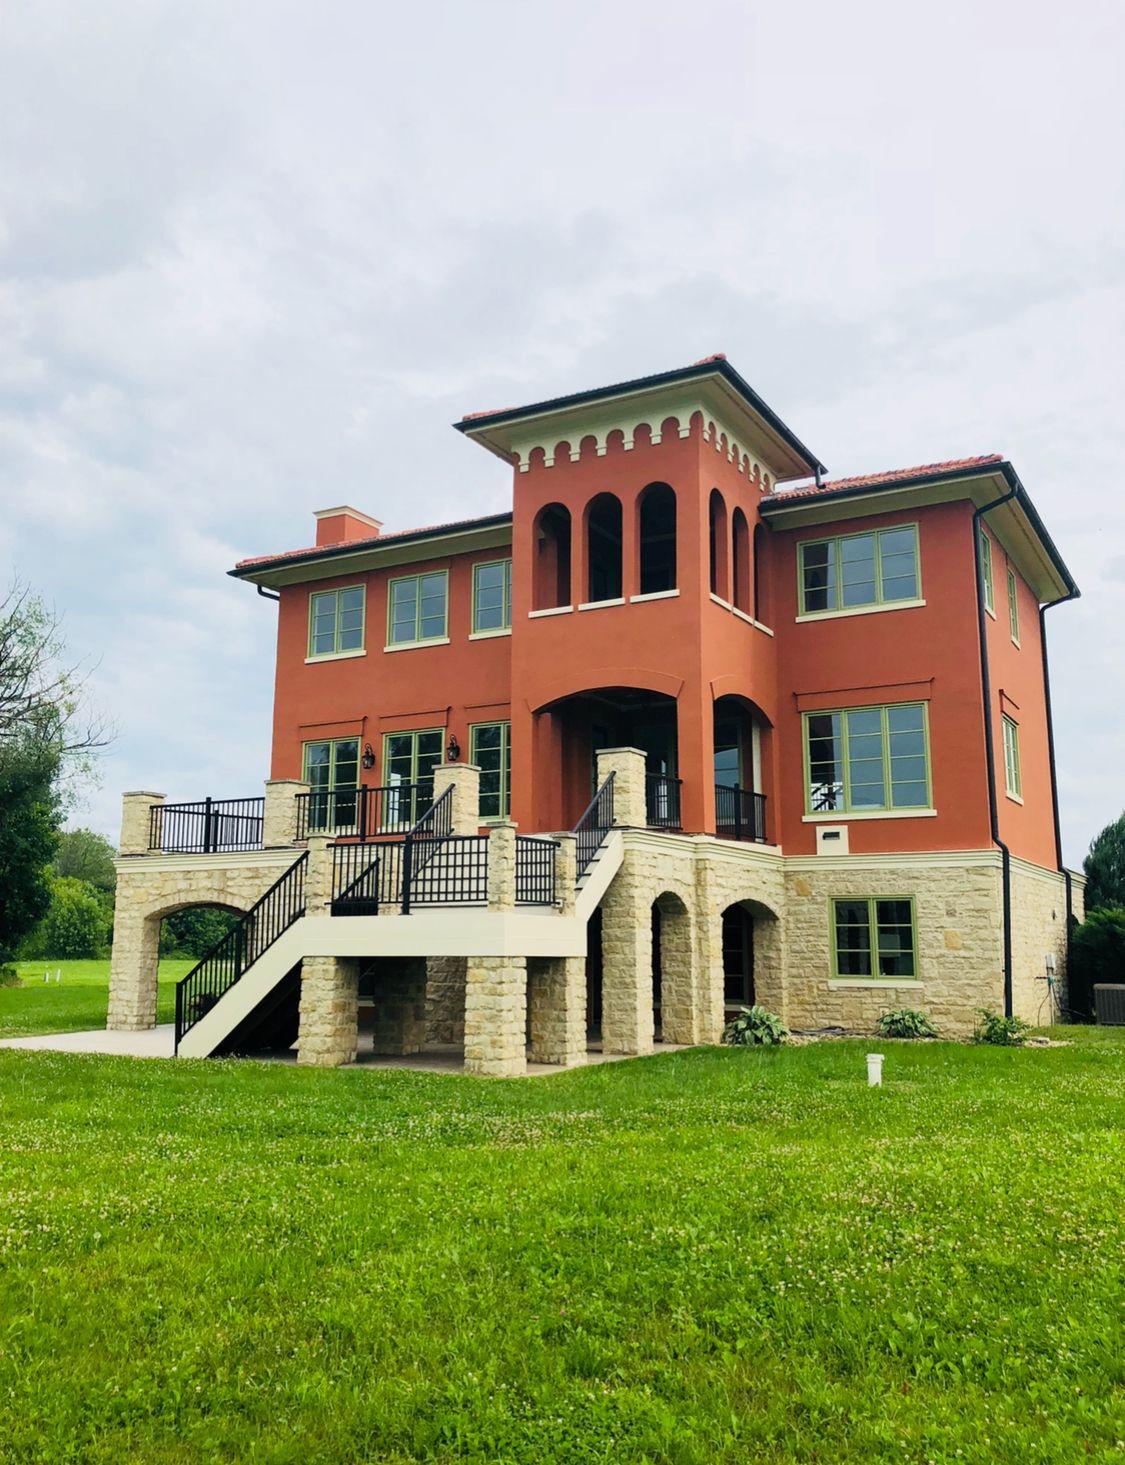 单亲家庭 为 销售 在 Snug Harbor Village - Mediterranean Villa 11943 Mcmurray Way Buckeye Lake, Ohio 43008 United States